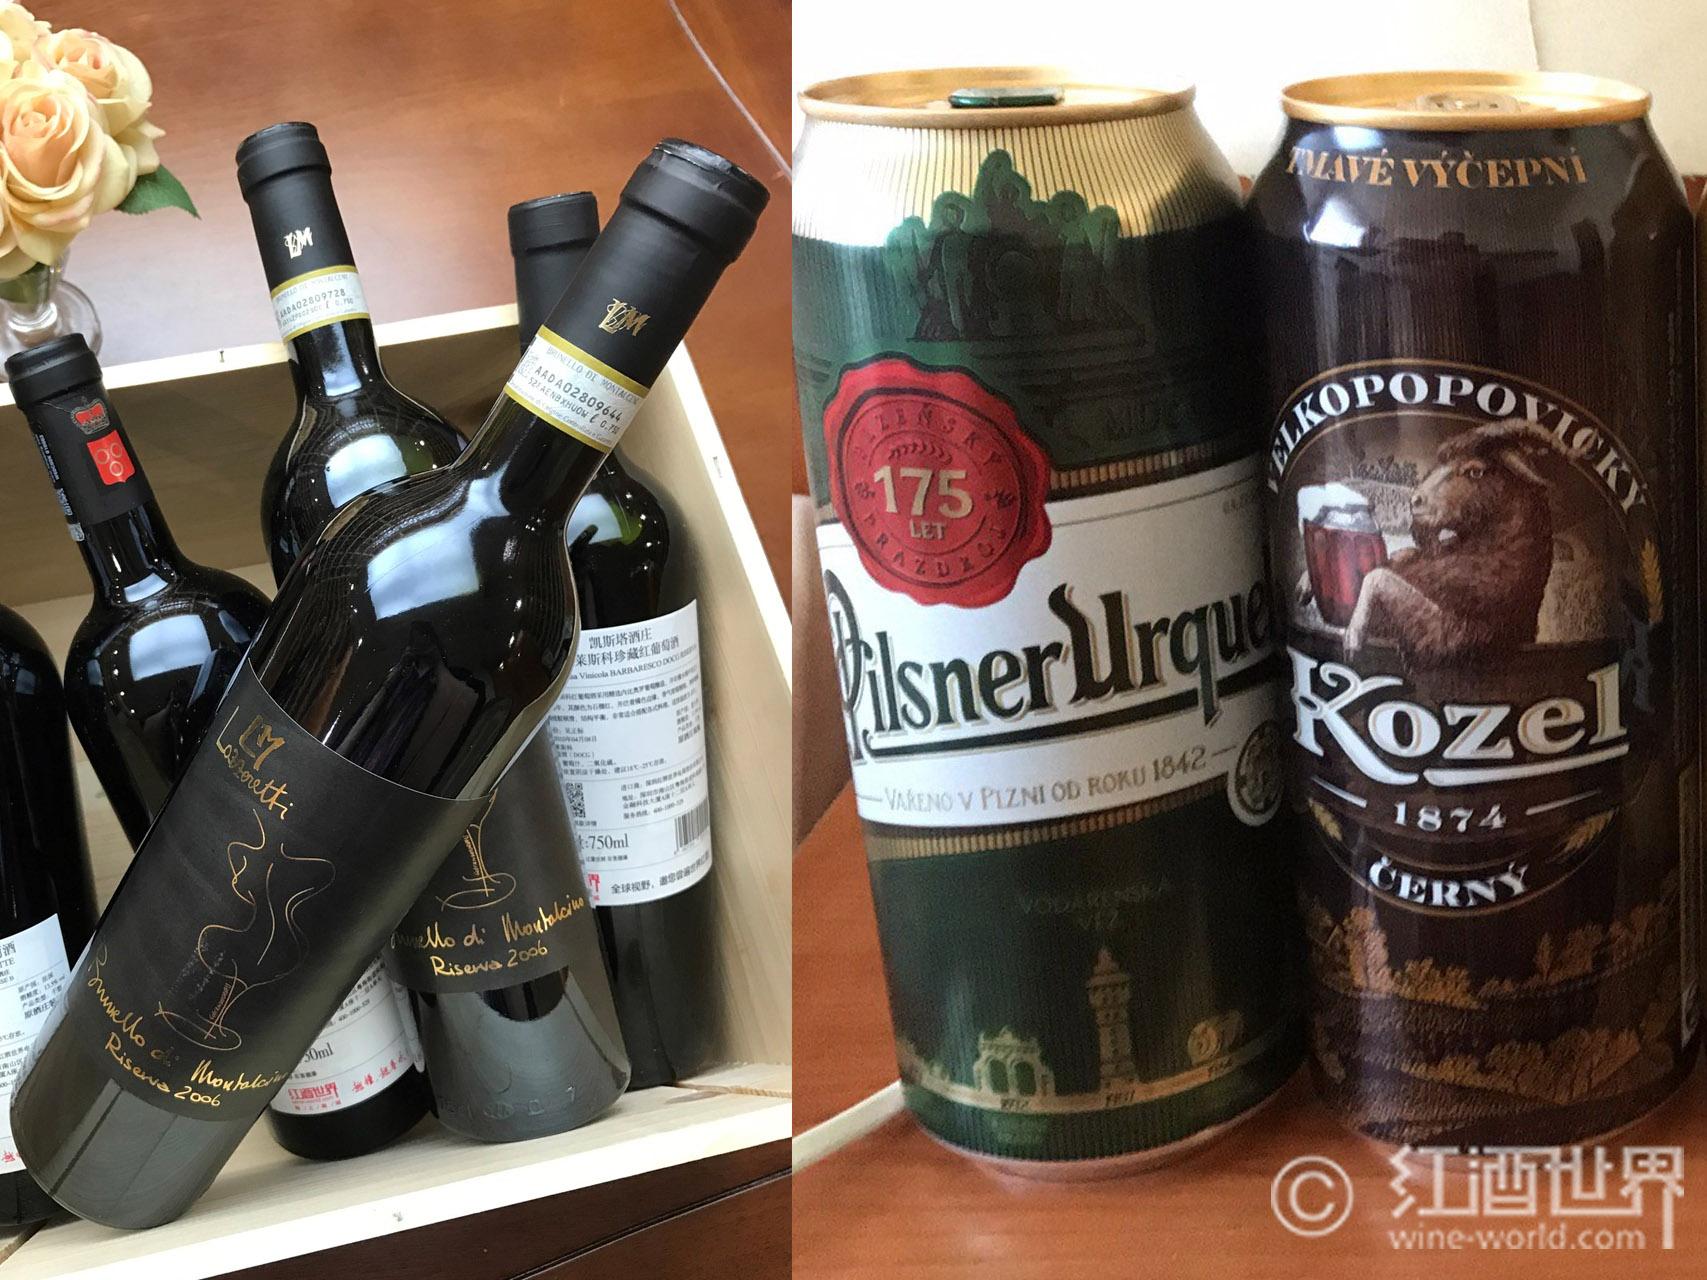 卡路里的较量:葡萄酒VS啤酒